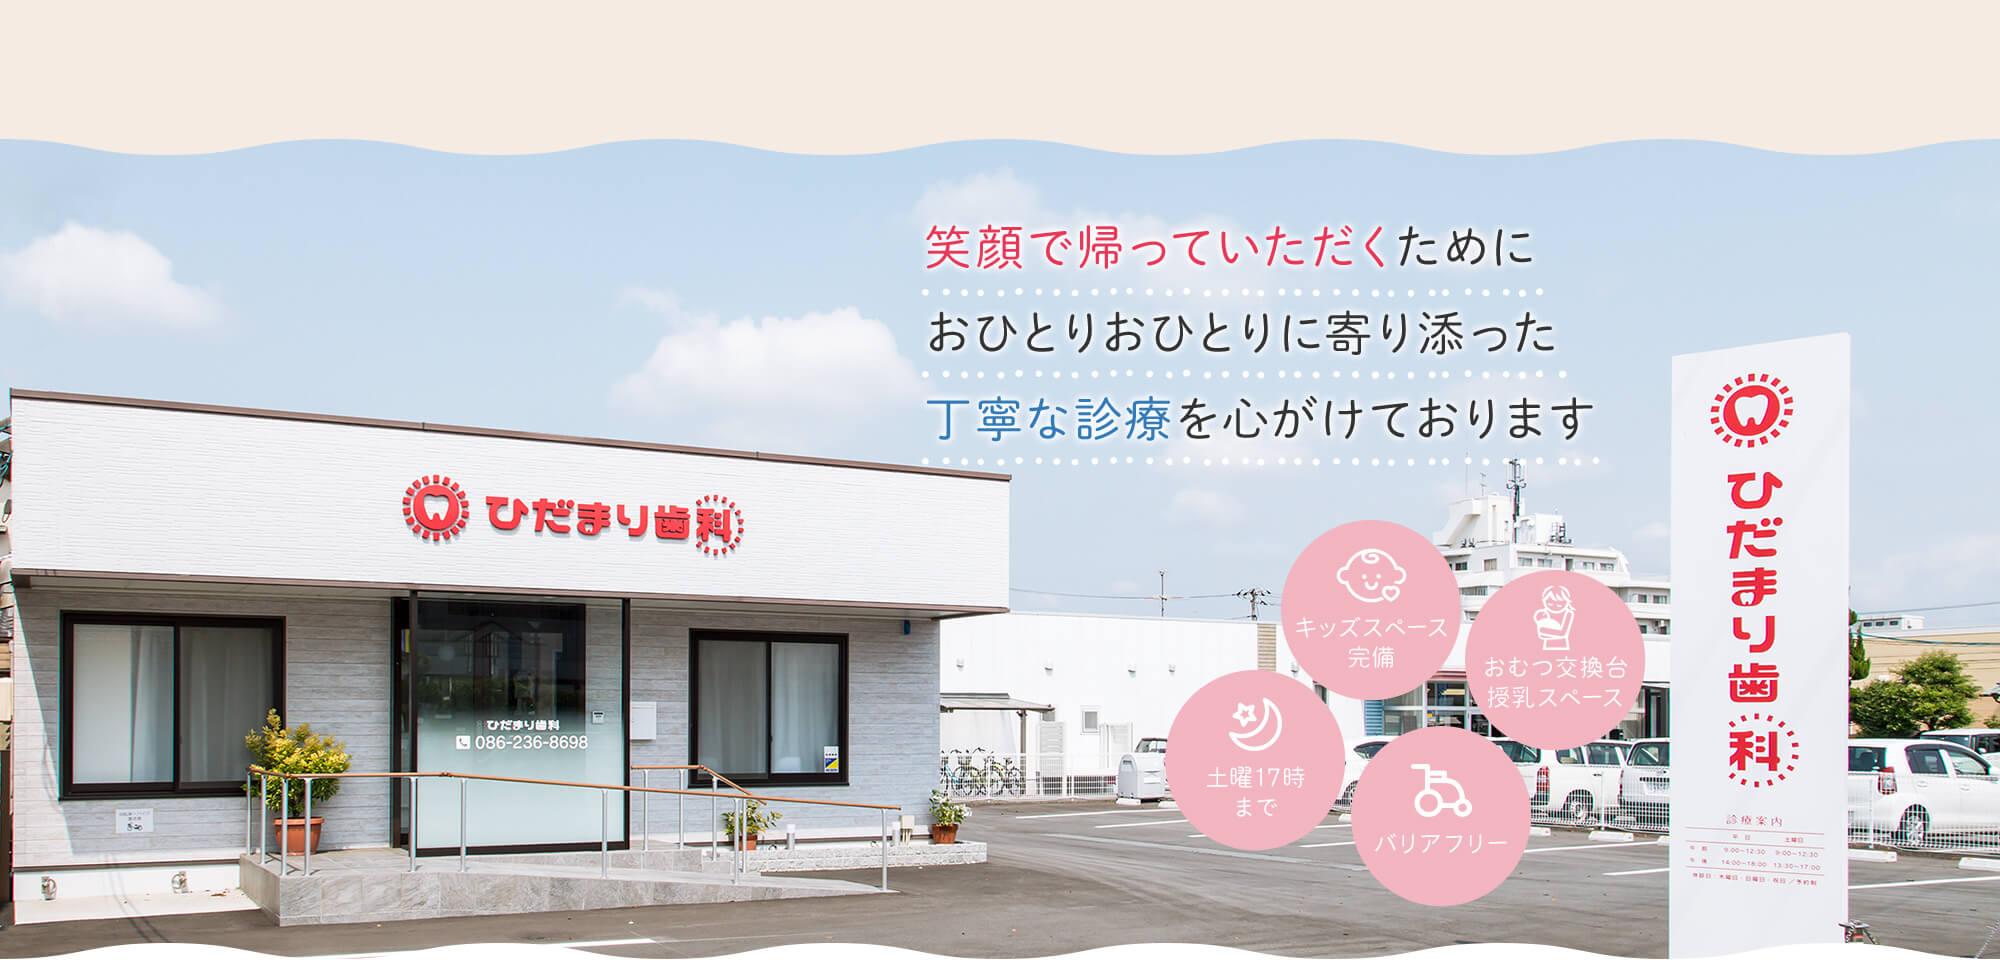 岡山 歯医者|ひだまり歯科|笑顔で帰っていただくためにおひとりおひとりに寄り添った丁寧な診療を心がけております